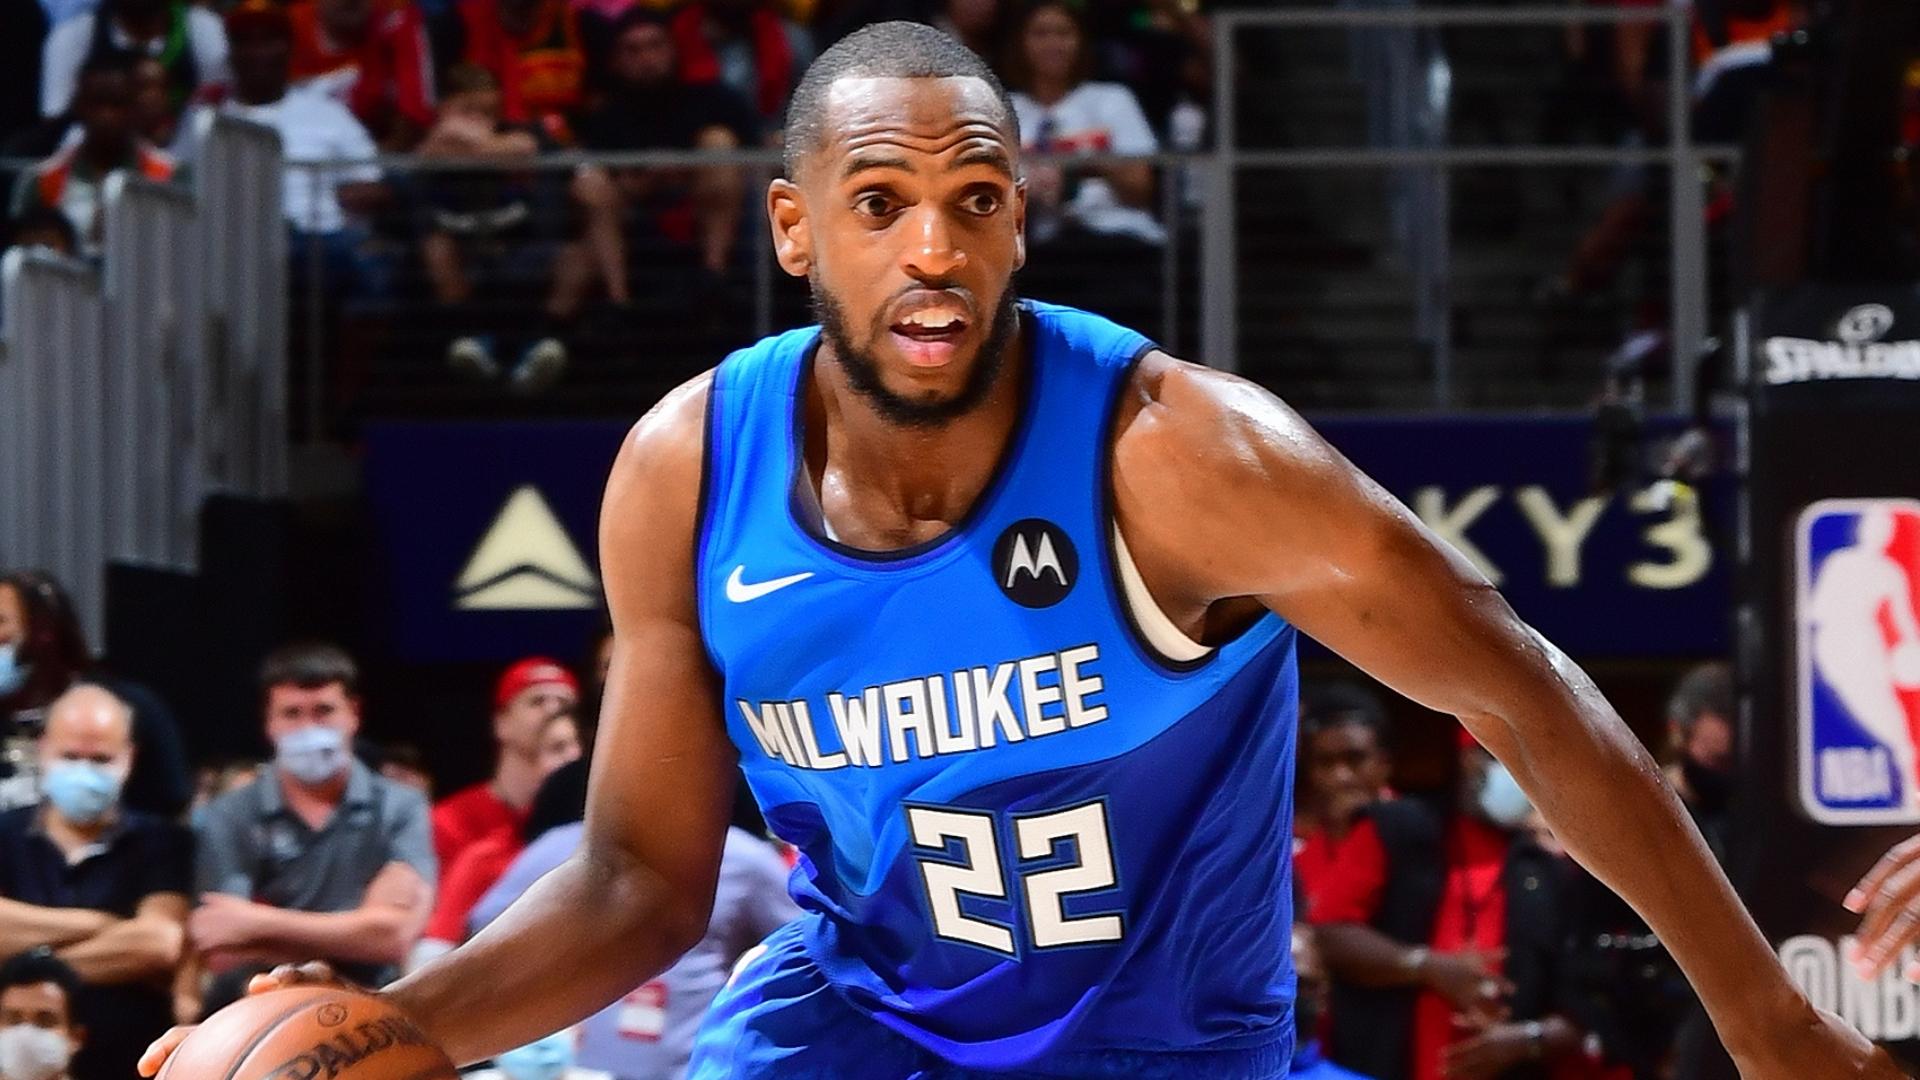 NBA Khris Middleton playoff